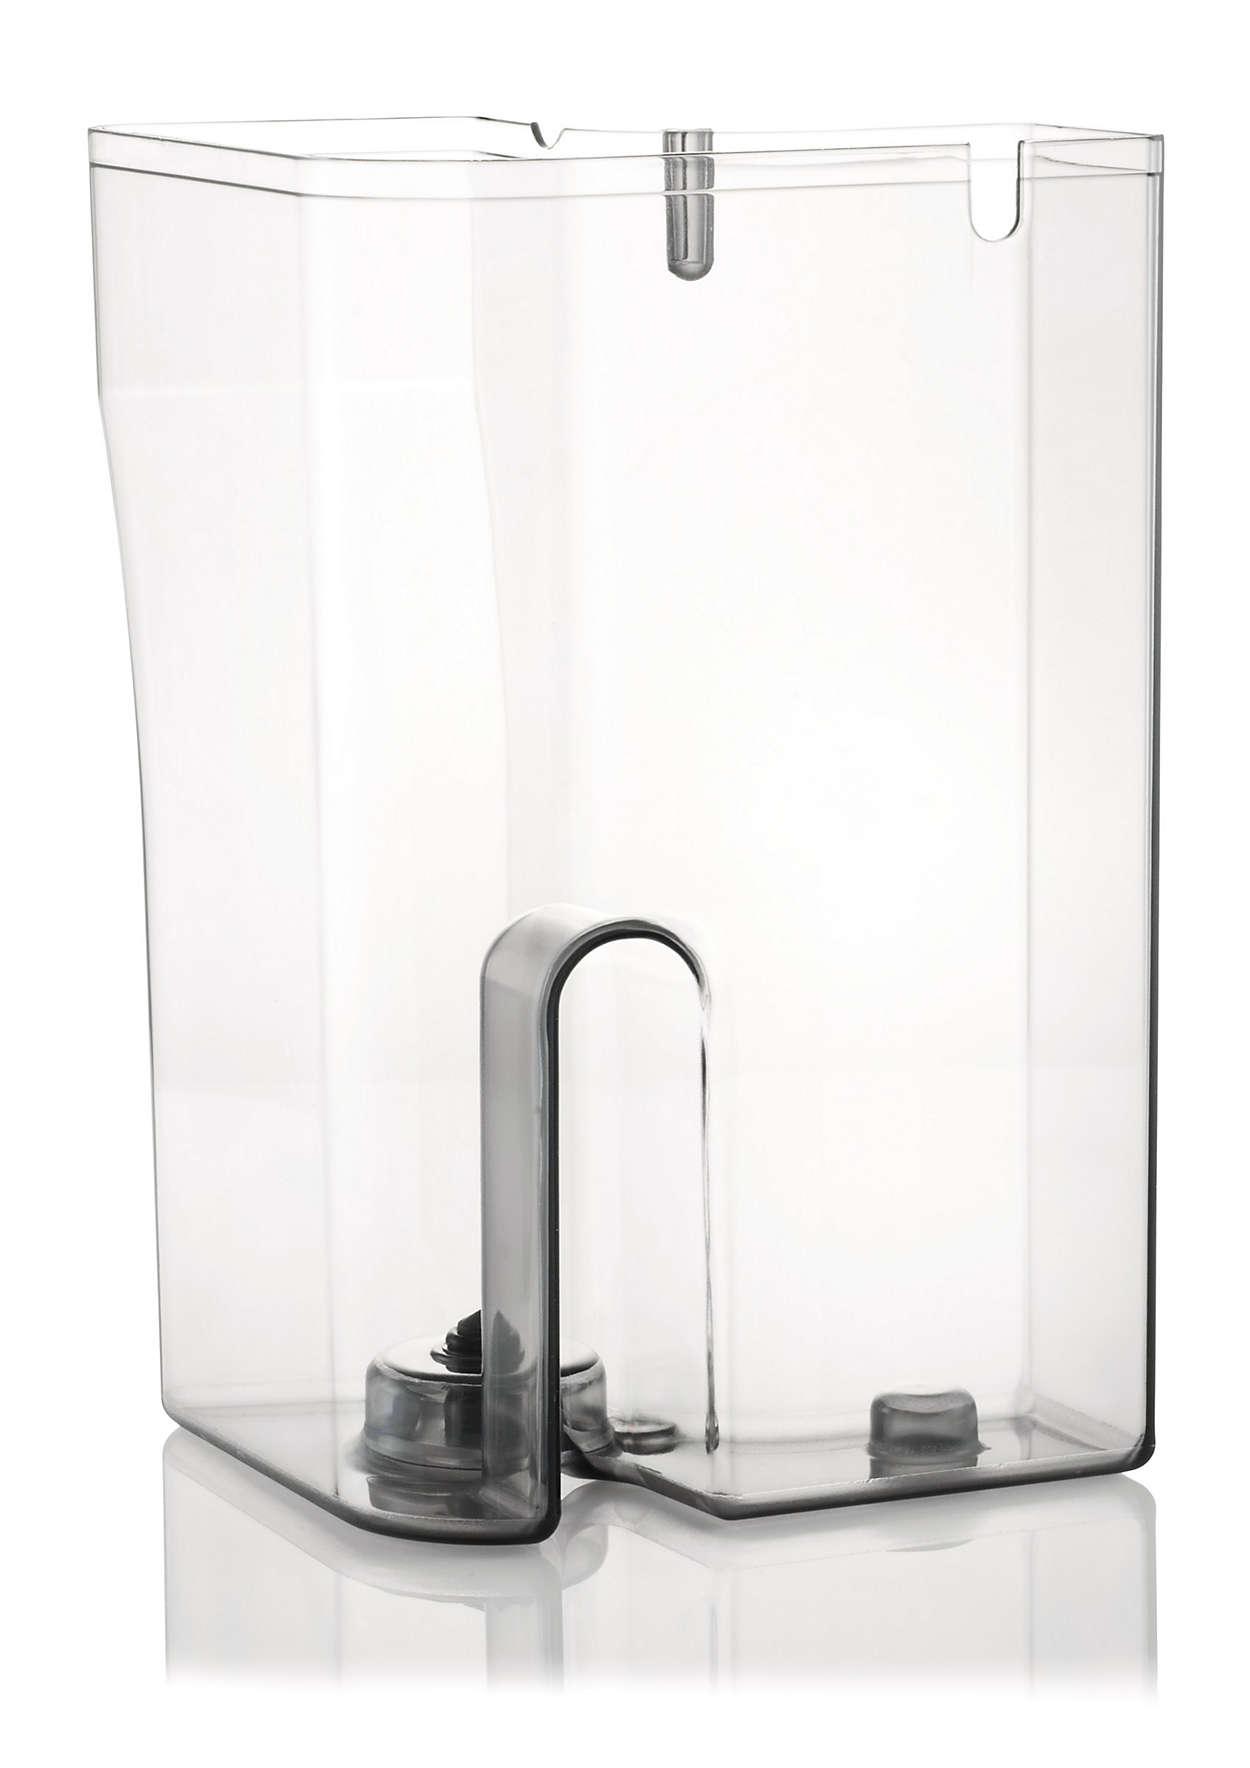 Depósito de agua HD508201 | Philips